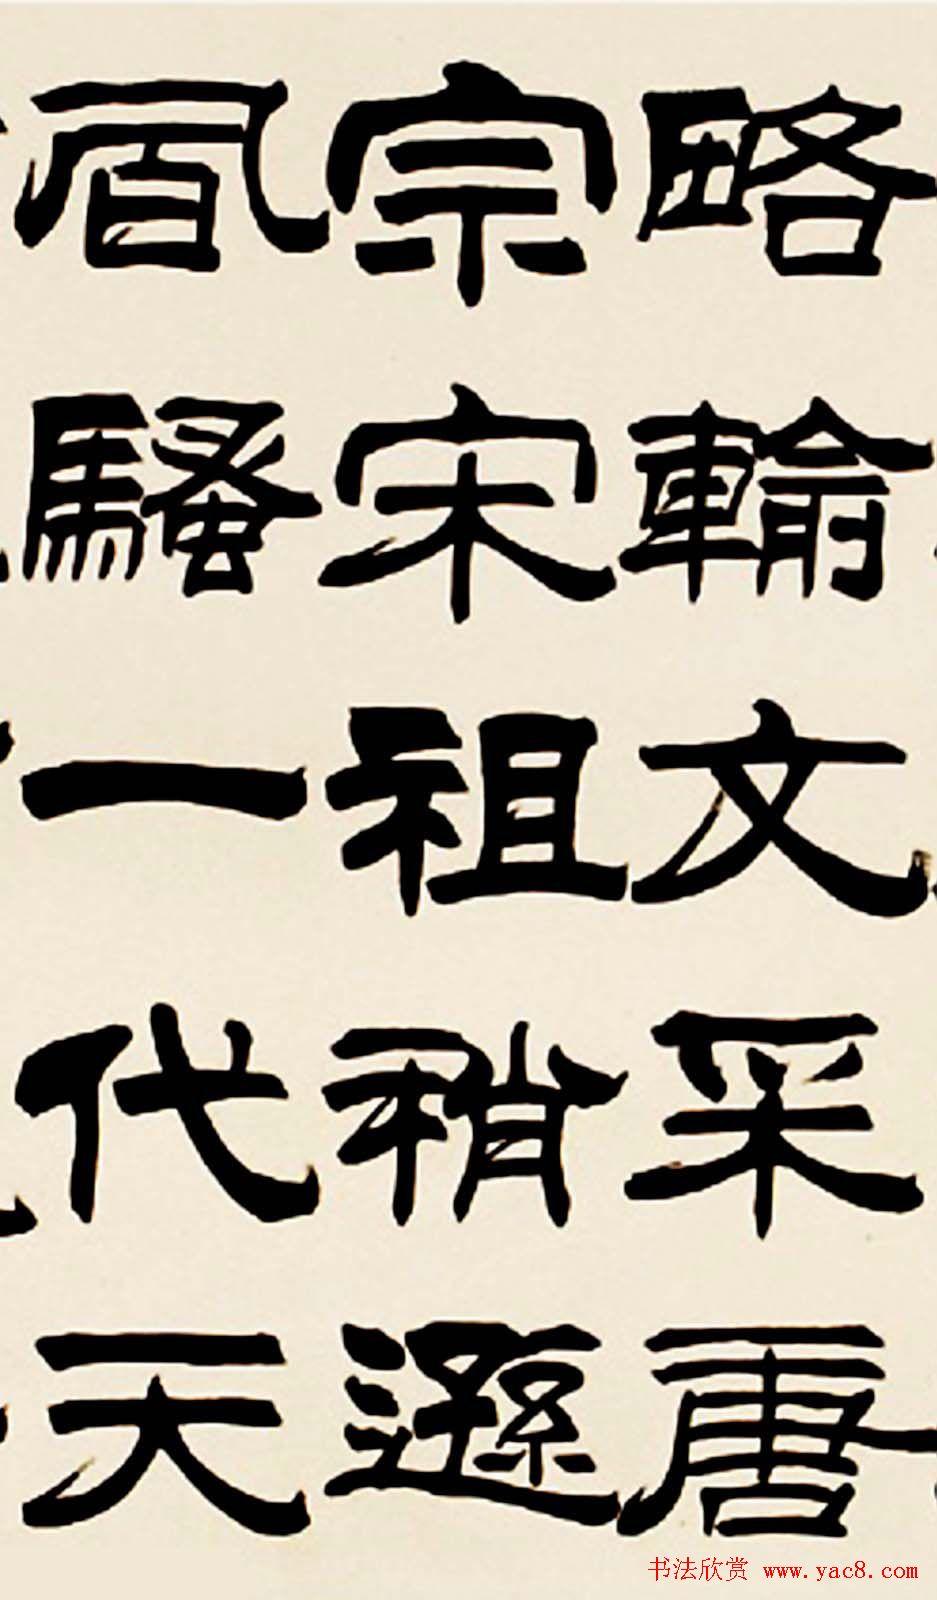 刘炳森隶书欣赏 沁园春雪 第7页 毛笔书法 书法欣赏